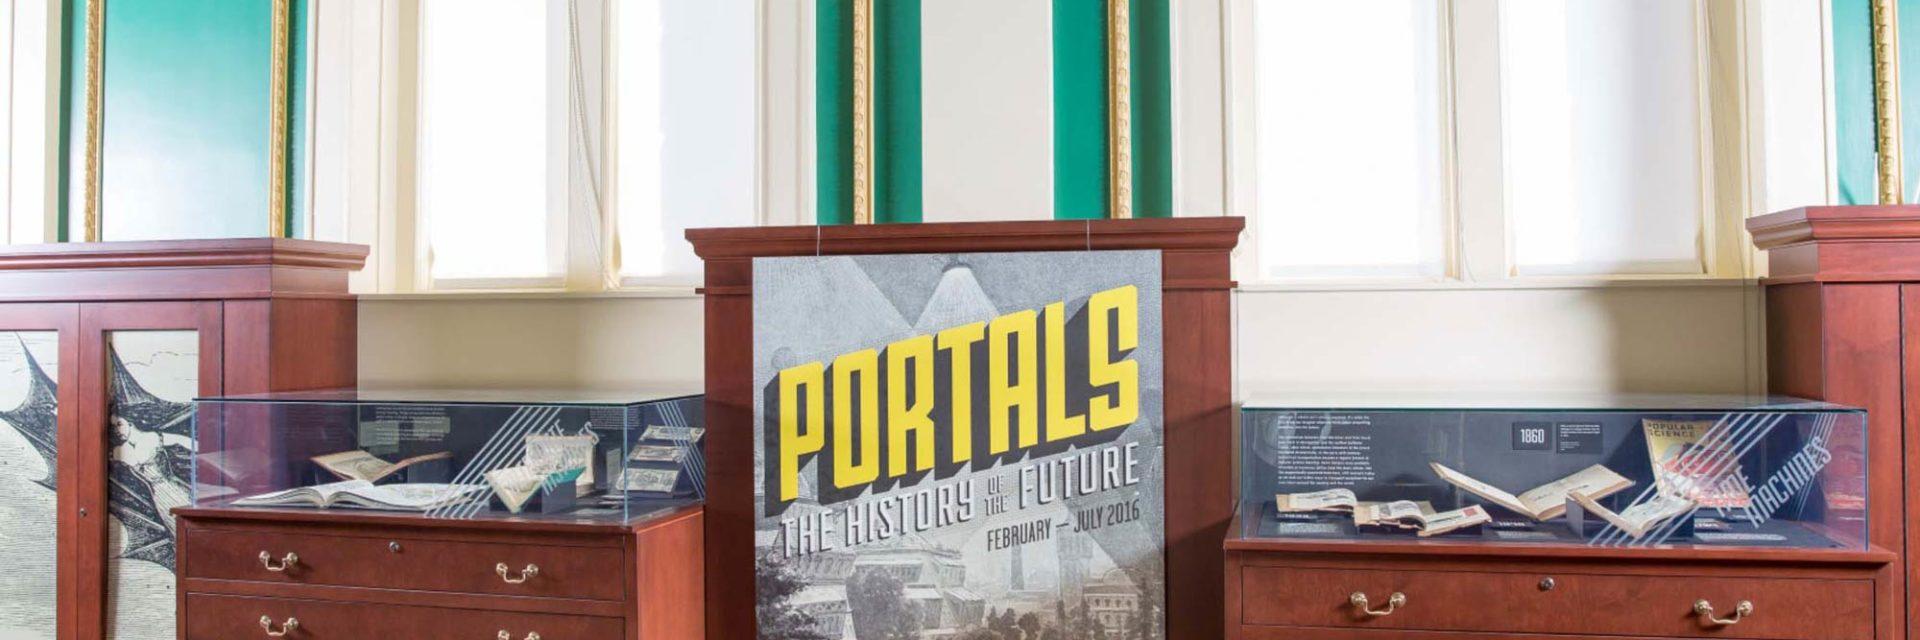 Portals Exhibition Installation Photo